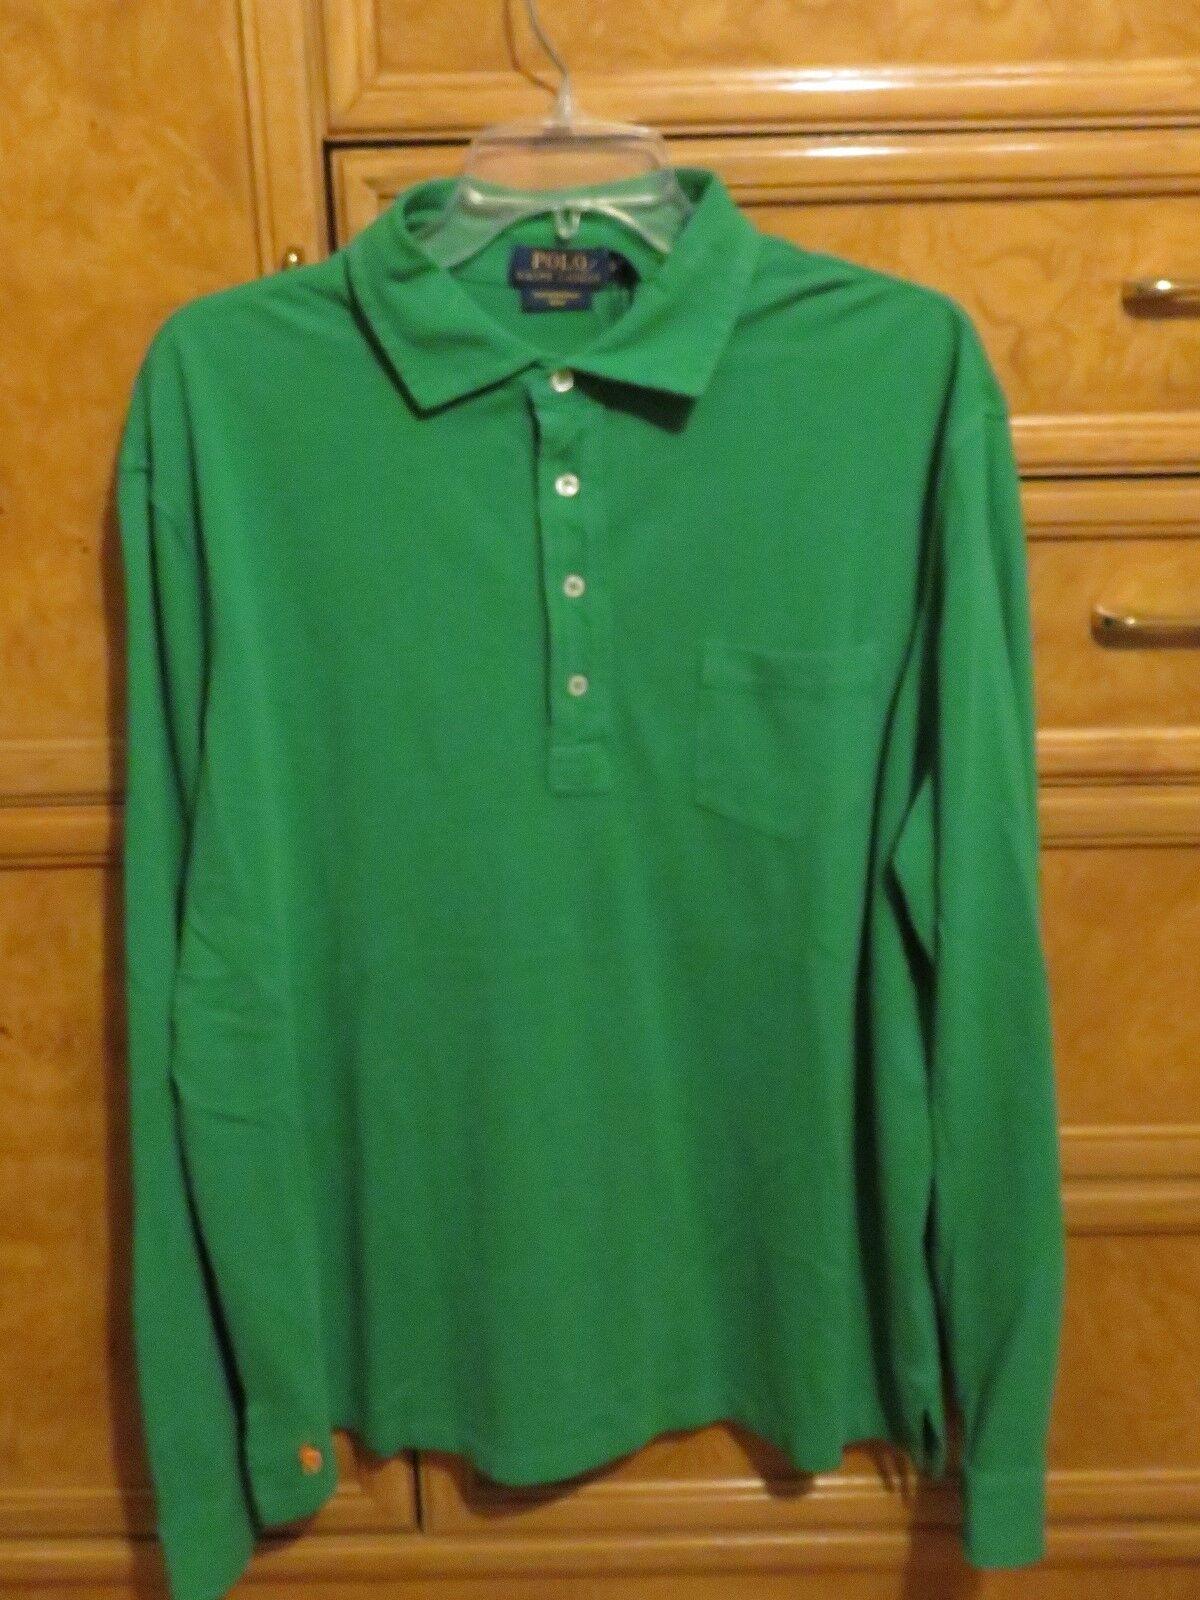 2e9f111a5521 Men s Polo Ralph Lauren long sleeve green shirt cotton sz M brand new NWT.  POLO Ralph Lauren Mens ...